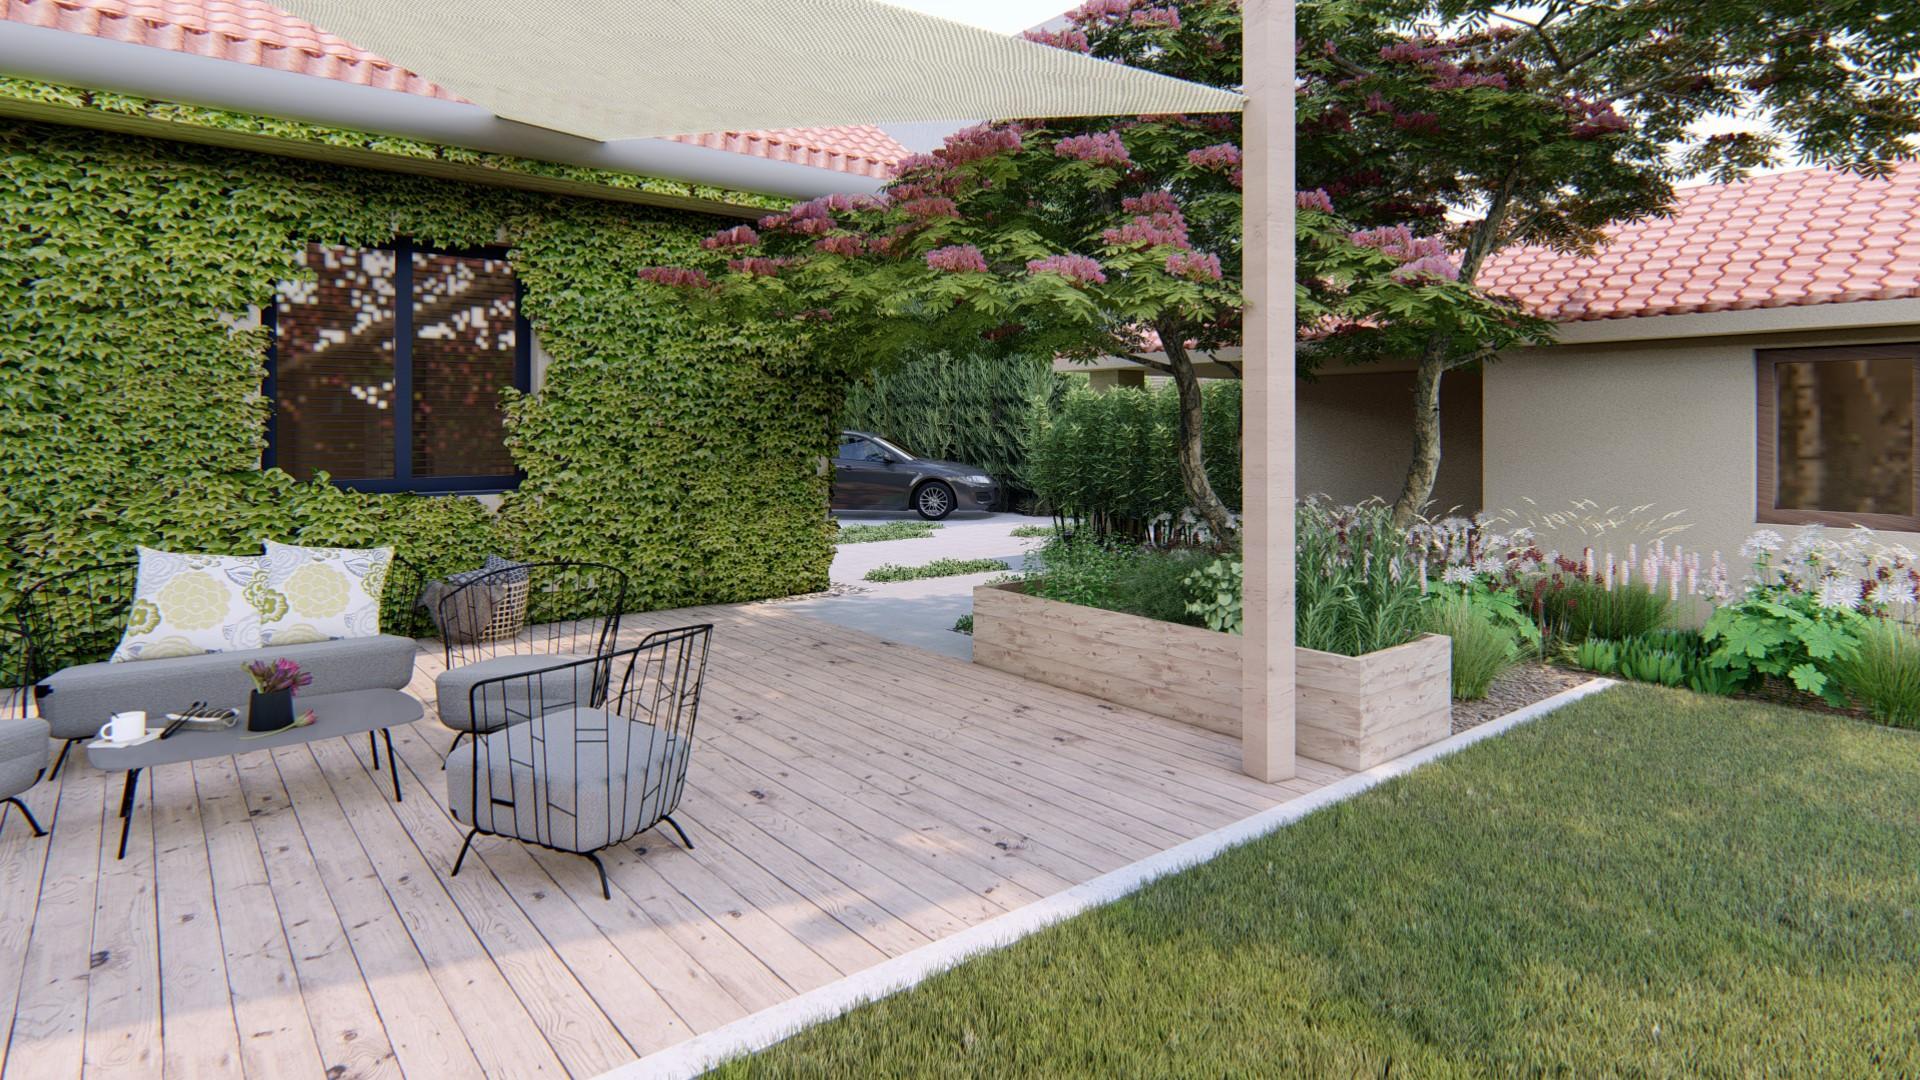 Záhrada s brezami - Obrázok č. 6